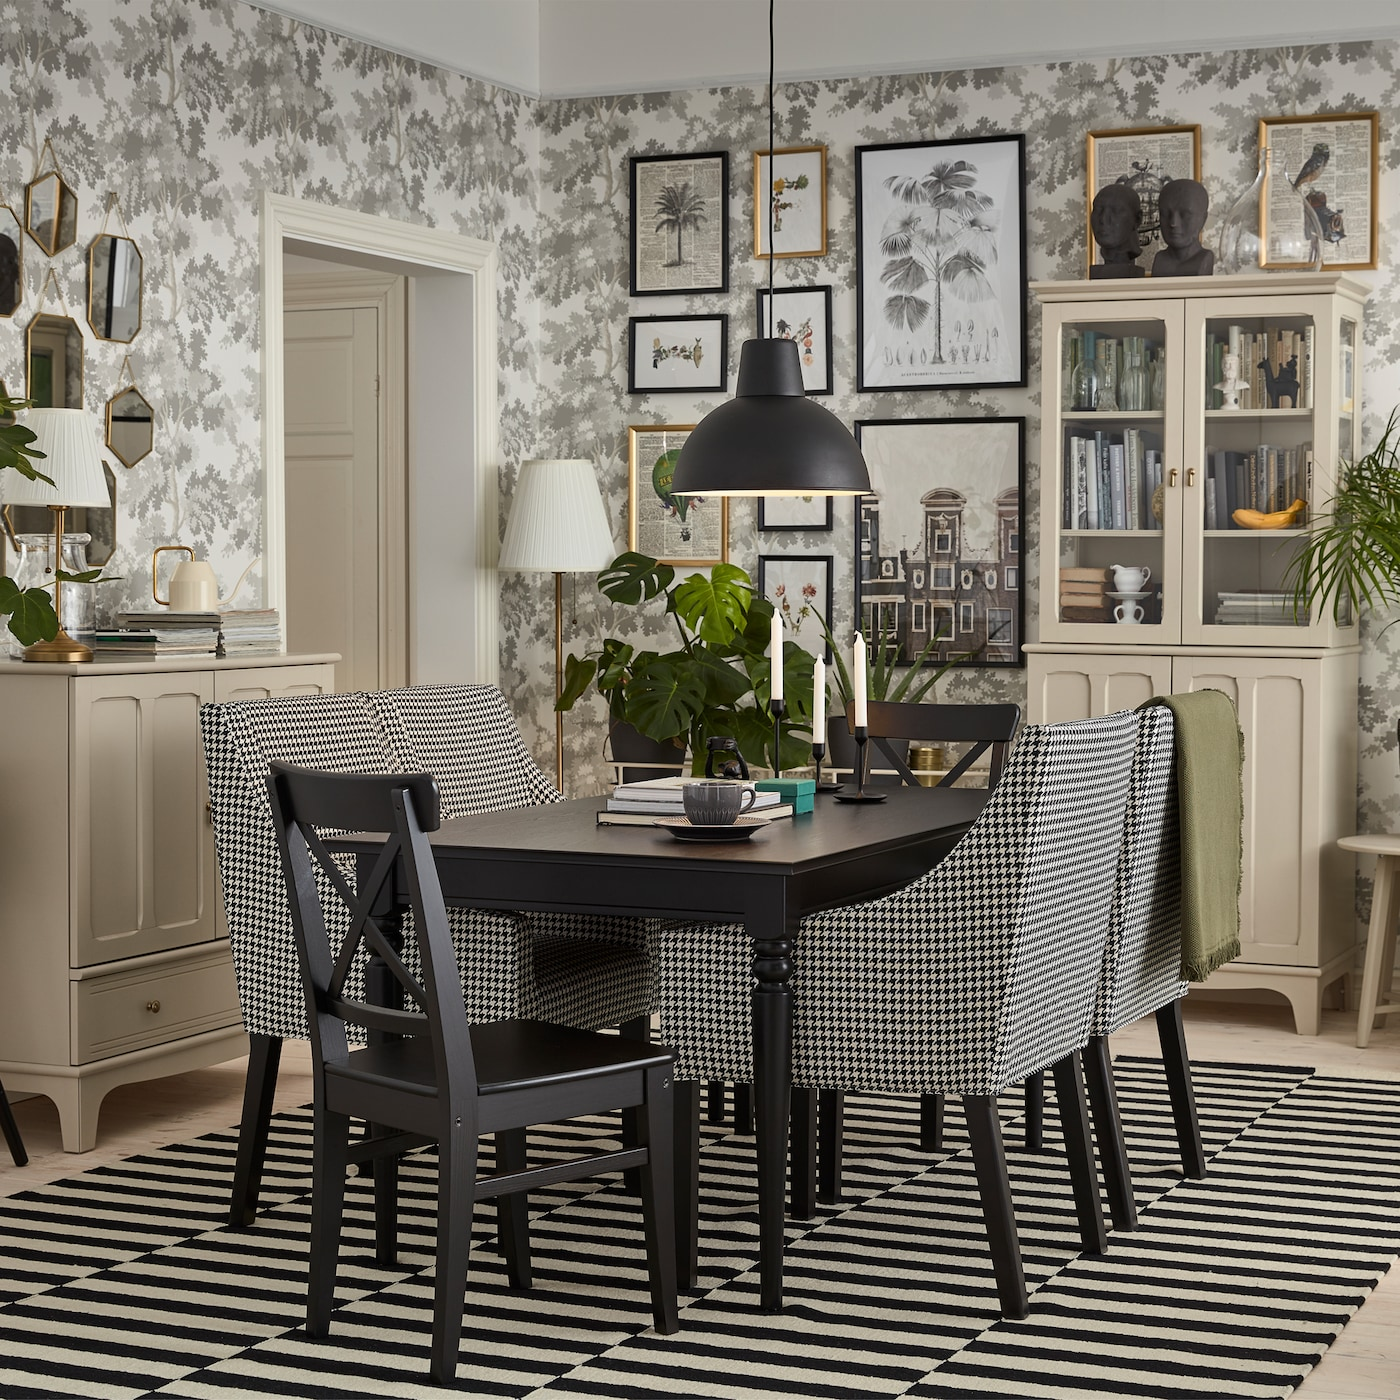 Ruang makan tradisional yang mempunyai meja berwarna hitam, kabinet berwarna kuning air lembut, kerusi berlengan berwarna hitam/putih dan ambal berjalur.